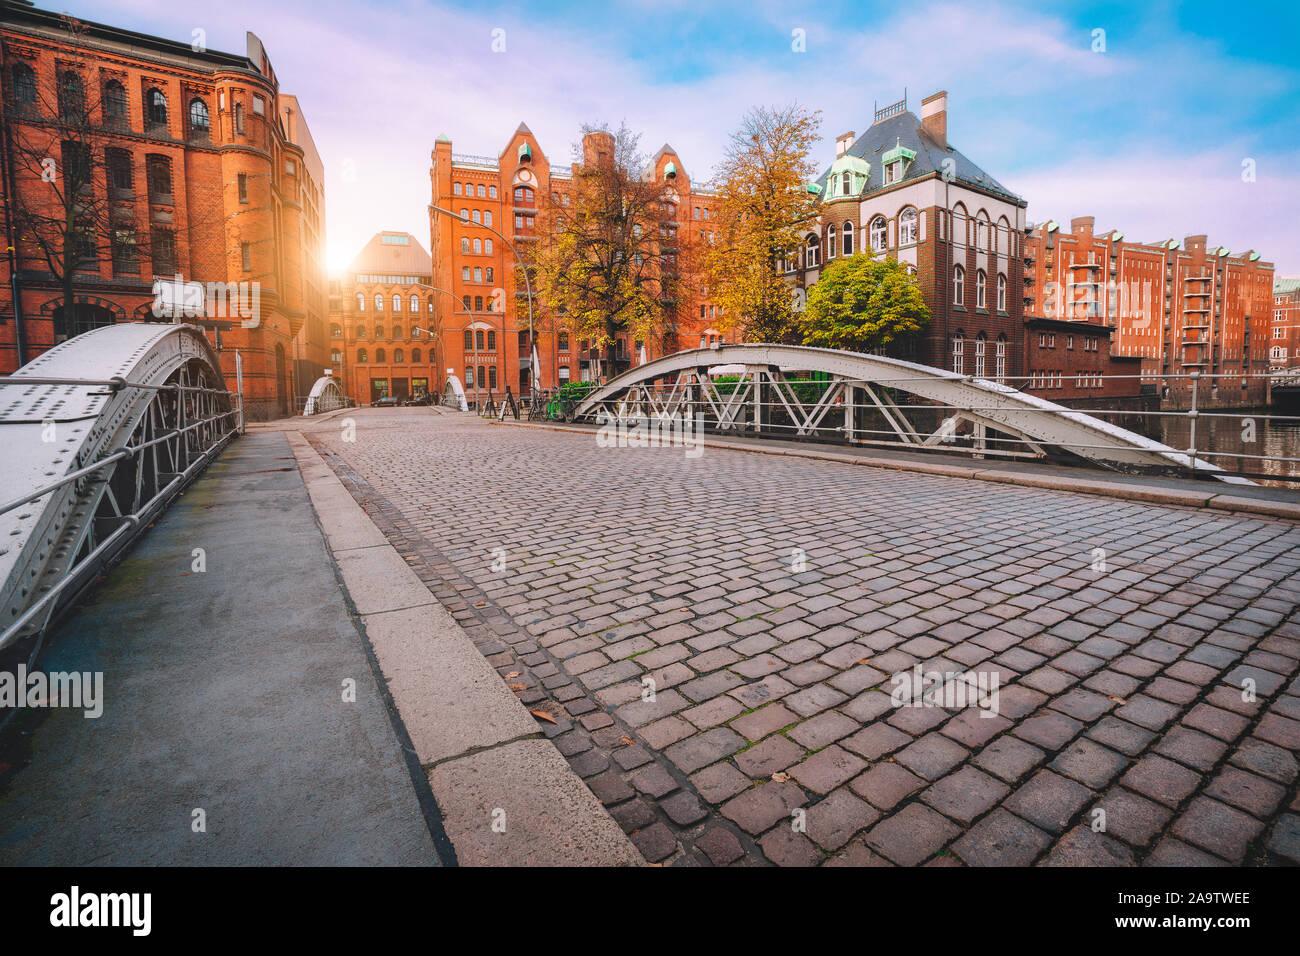 Bogenbrücke über die Kanäle hinweg mit Kopfsteinpflaster in der Speicherstadt in Hamburg, Deutschland, Europa. Historischen Backsteinbau von Golden Sunset light n Stockfoto